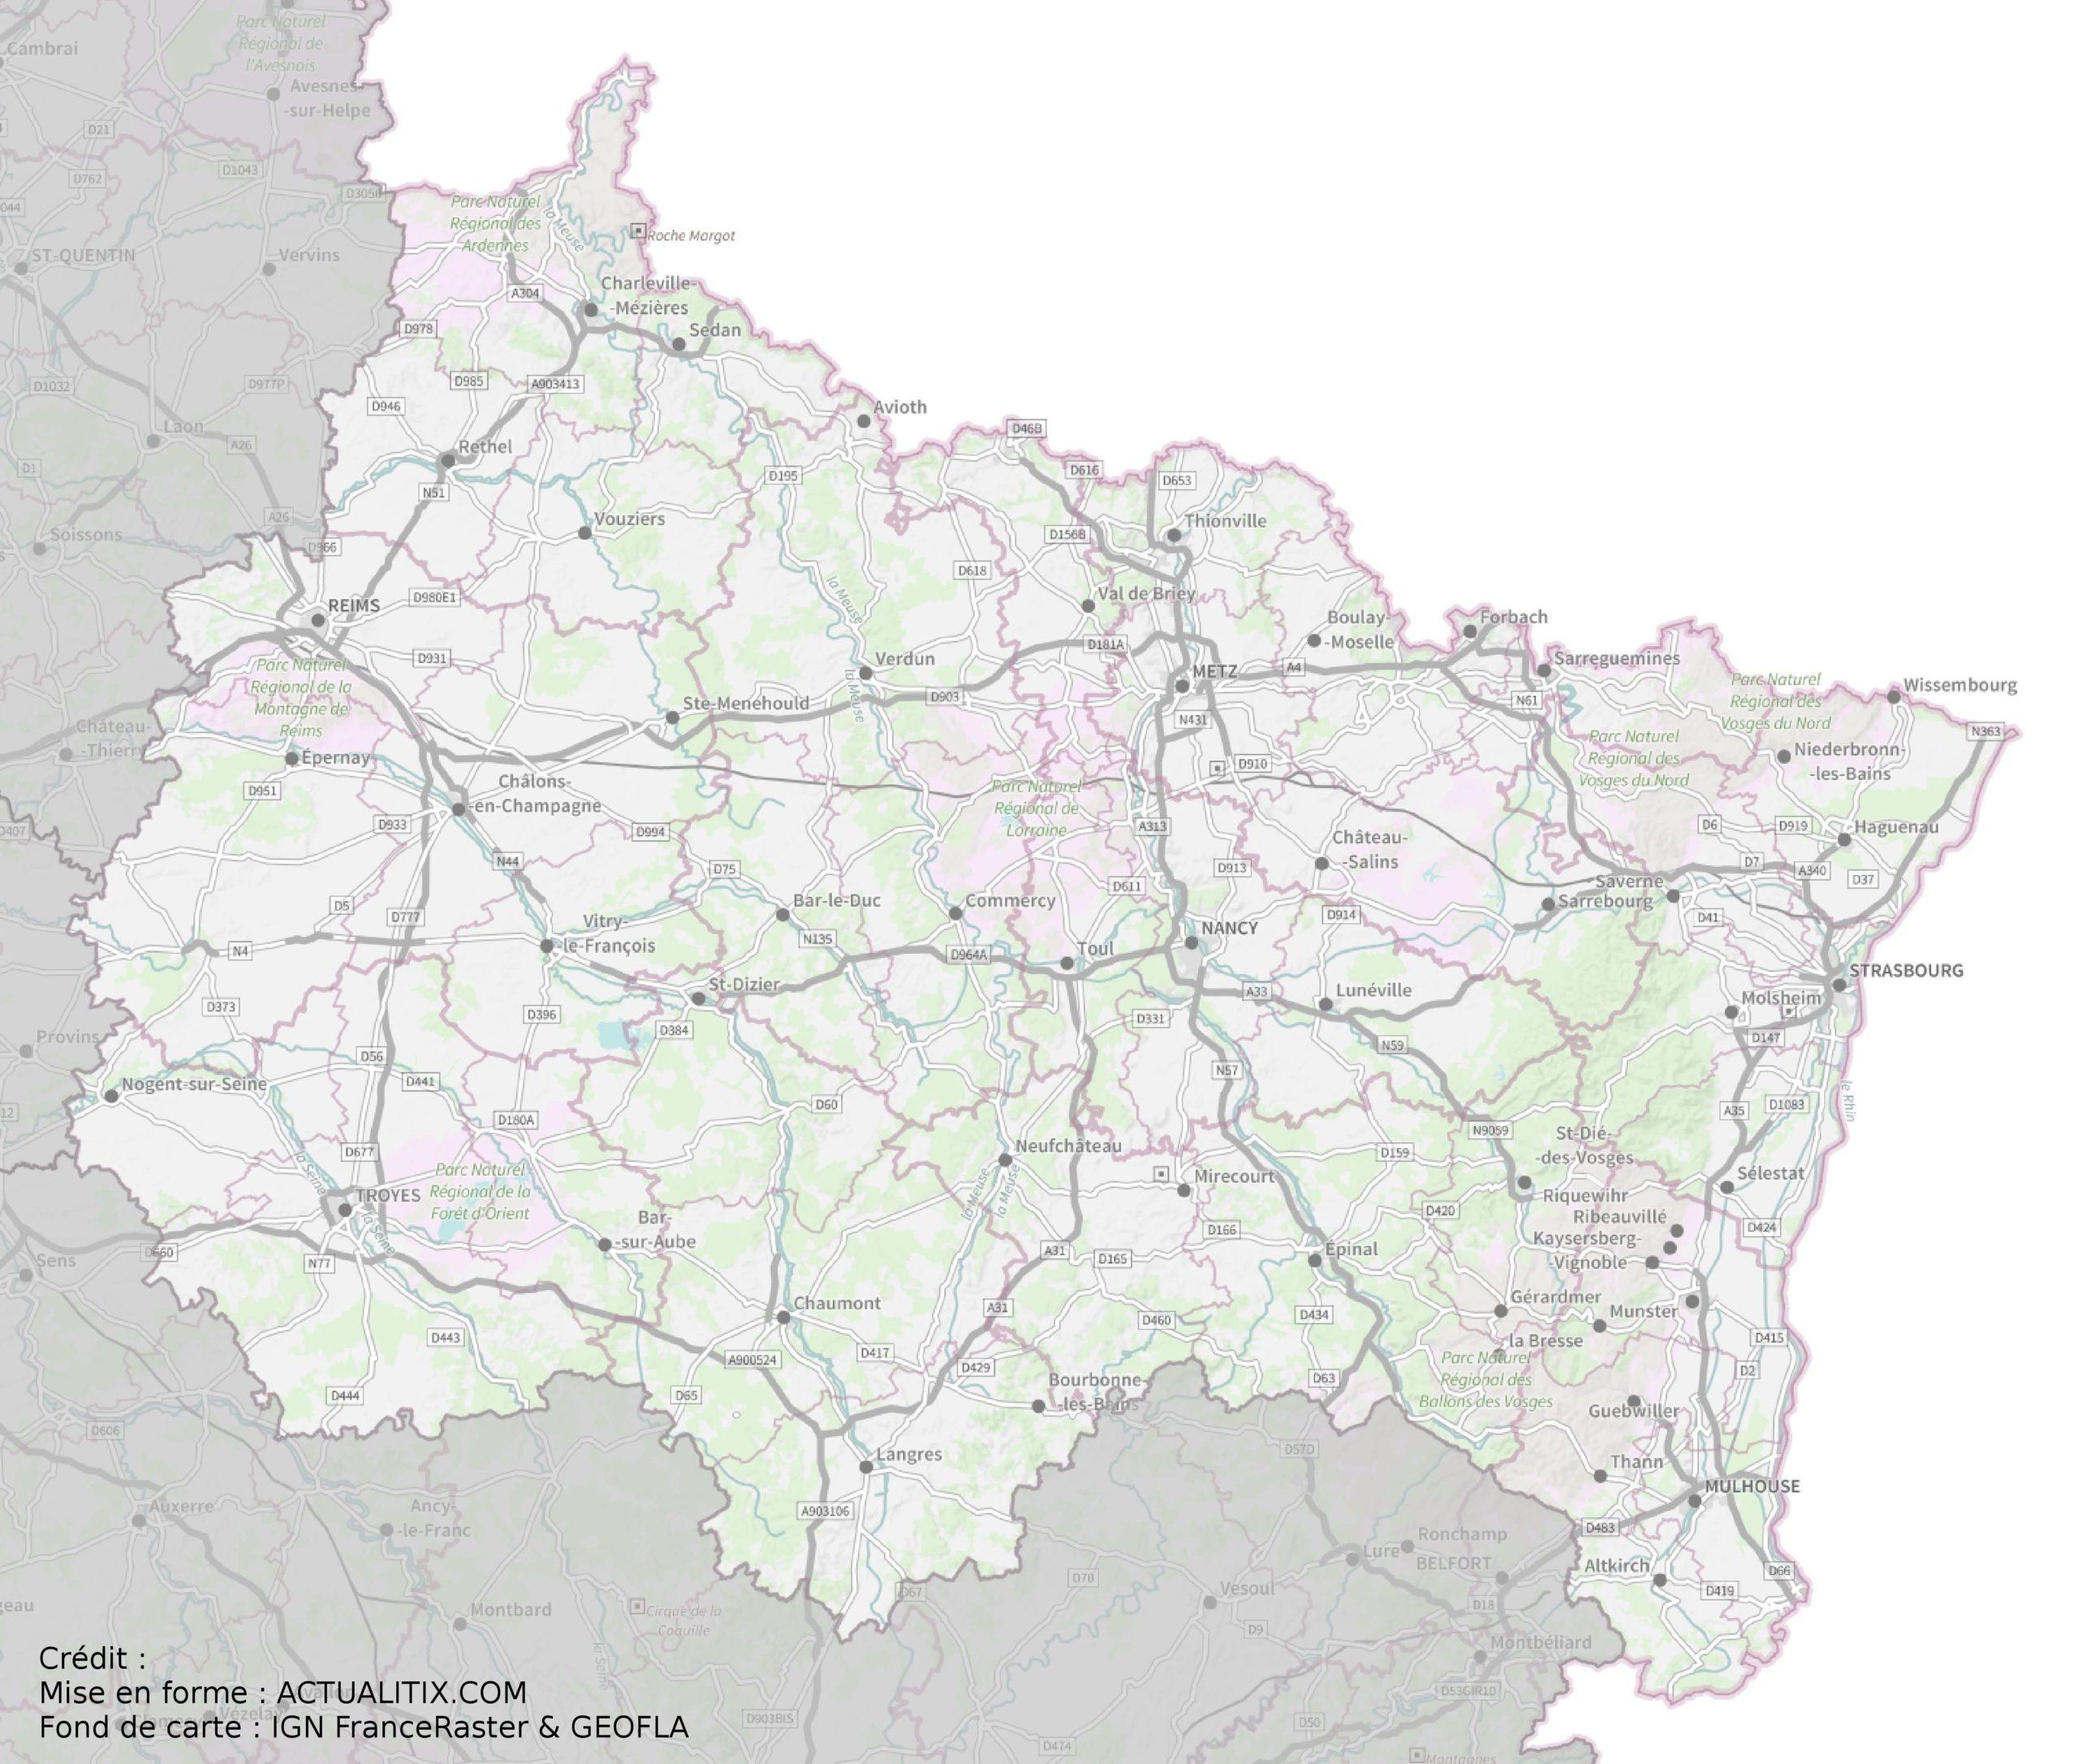 Carte Du Grand Est - Grand Est Carte Des Villes destiné Carte Departement Numero